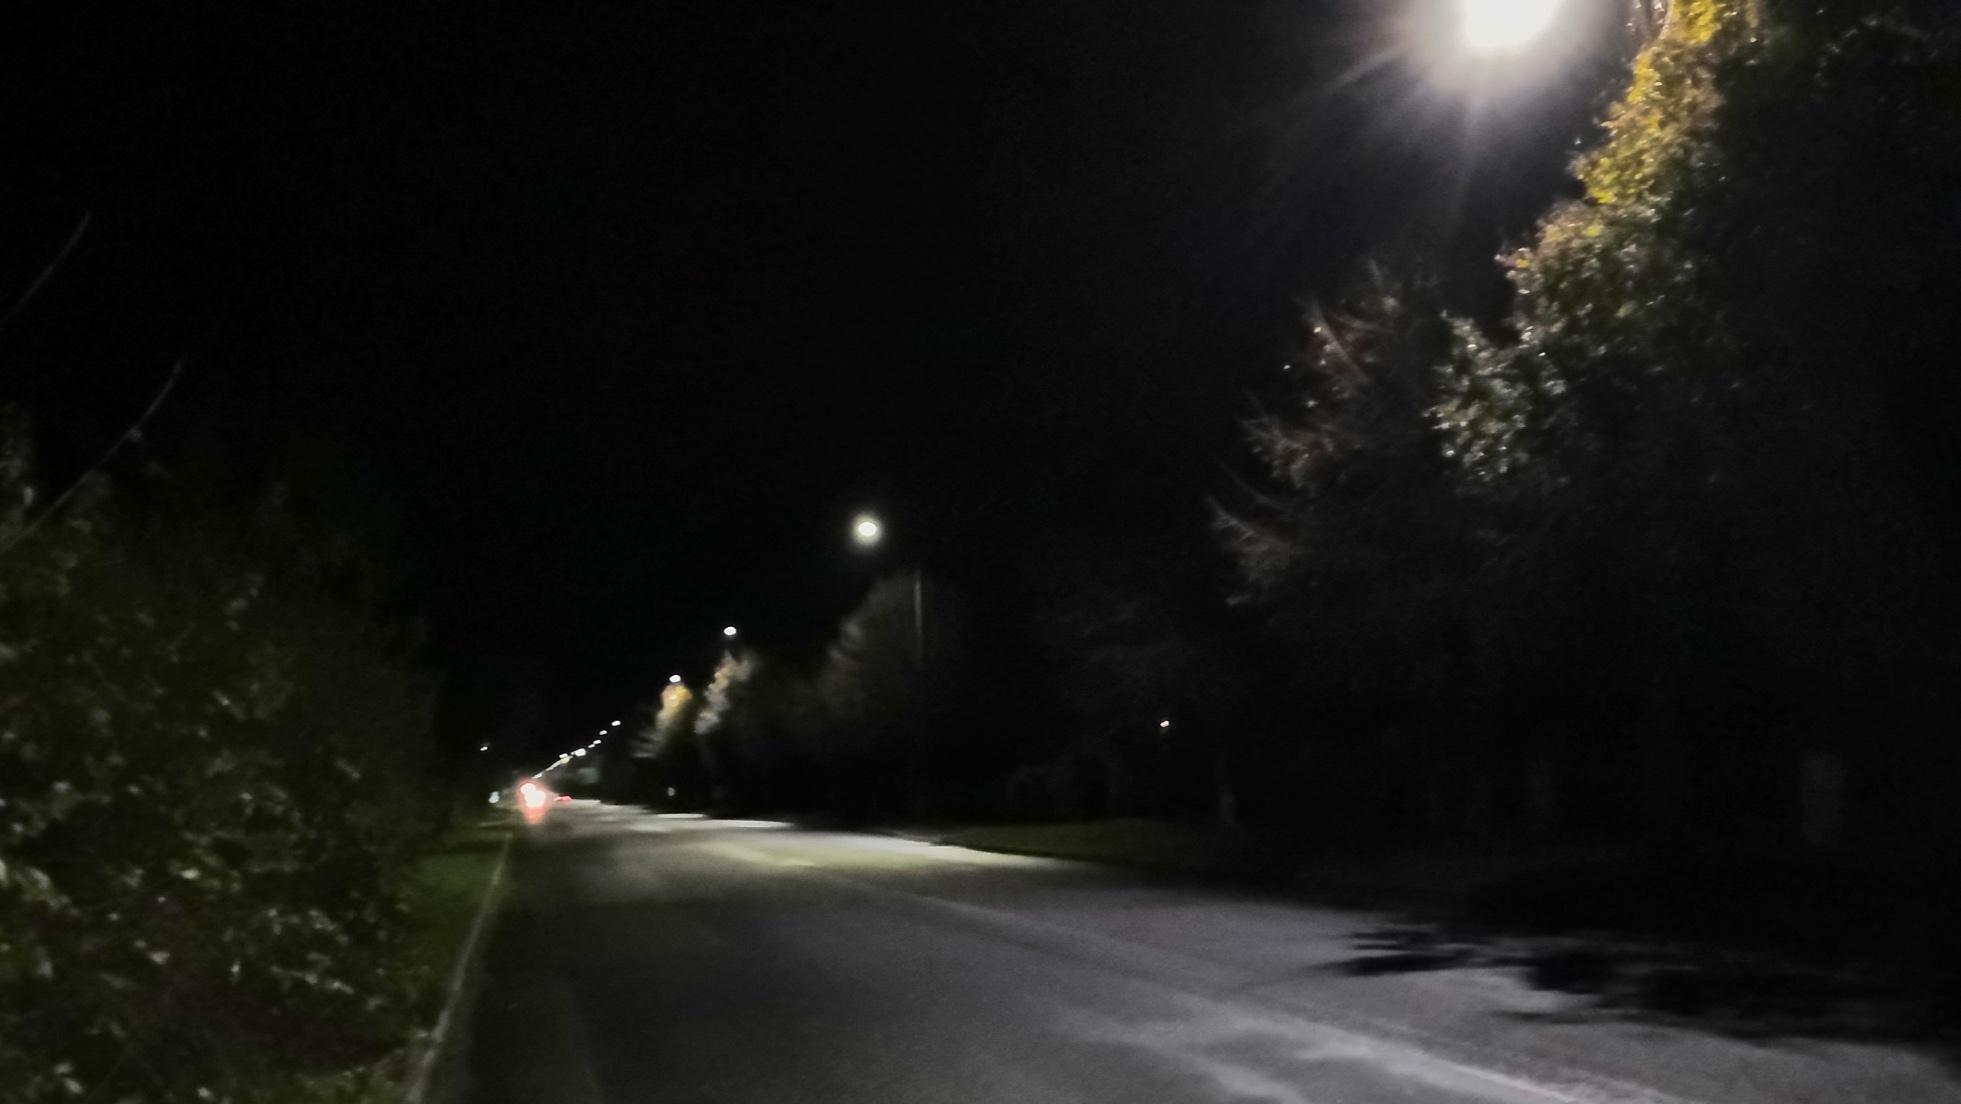 П'ять тисяч вуличних енергозберігаючих ліхтарів планують встановити у Дрогобичі